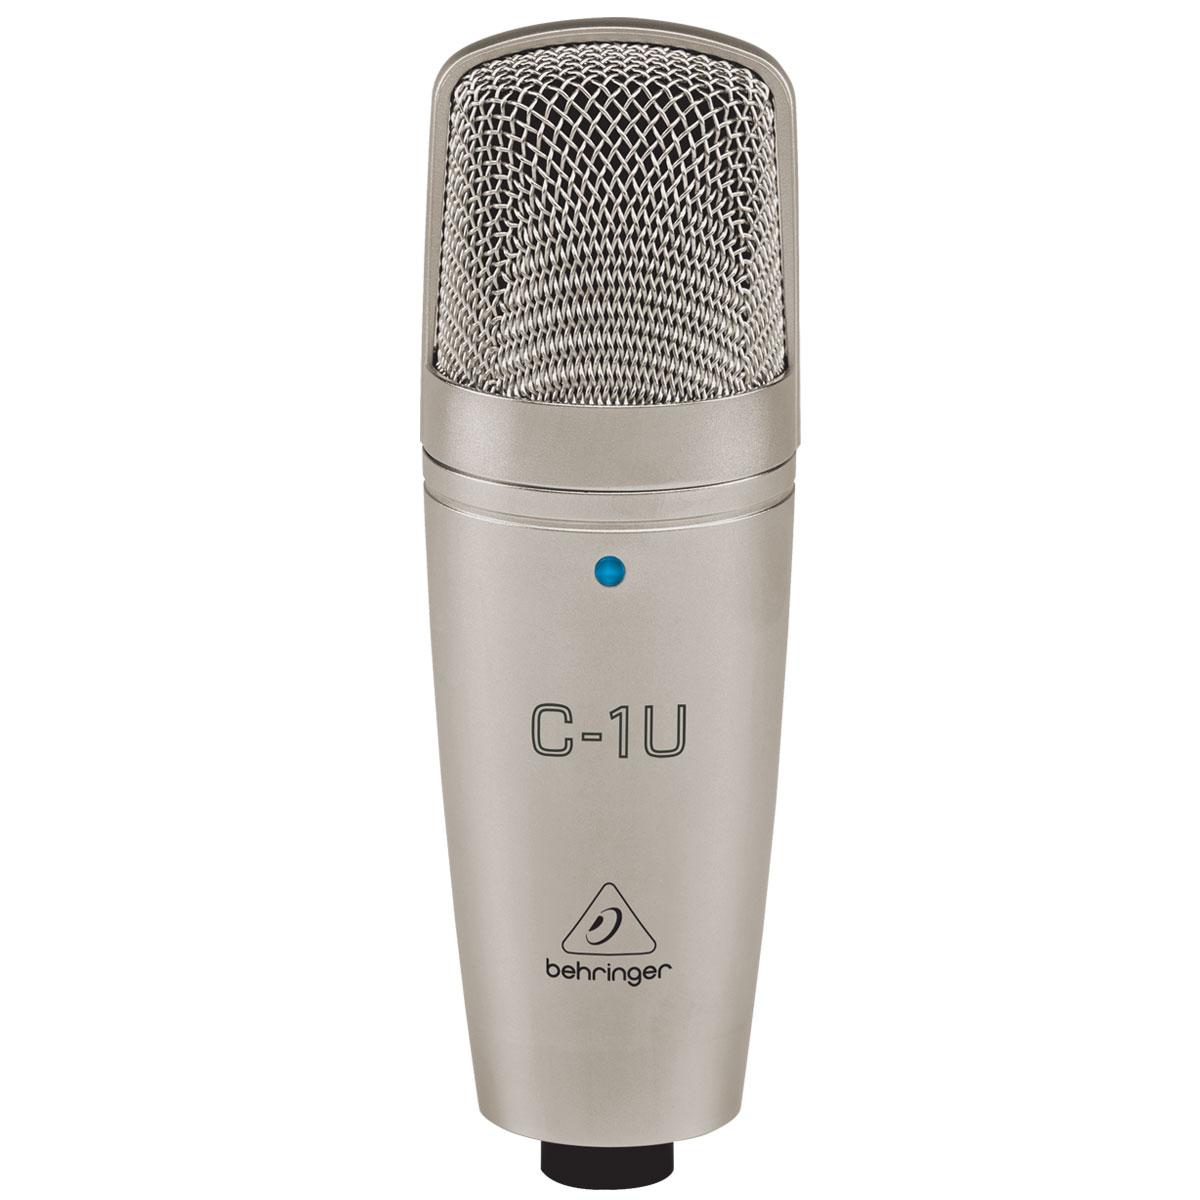 C1U - Microfone c/ Fio p/ Estudio USB C 1U - Behringer